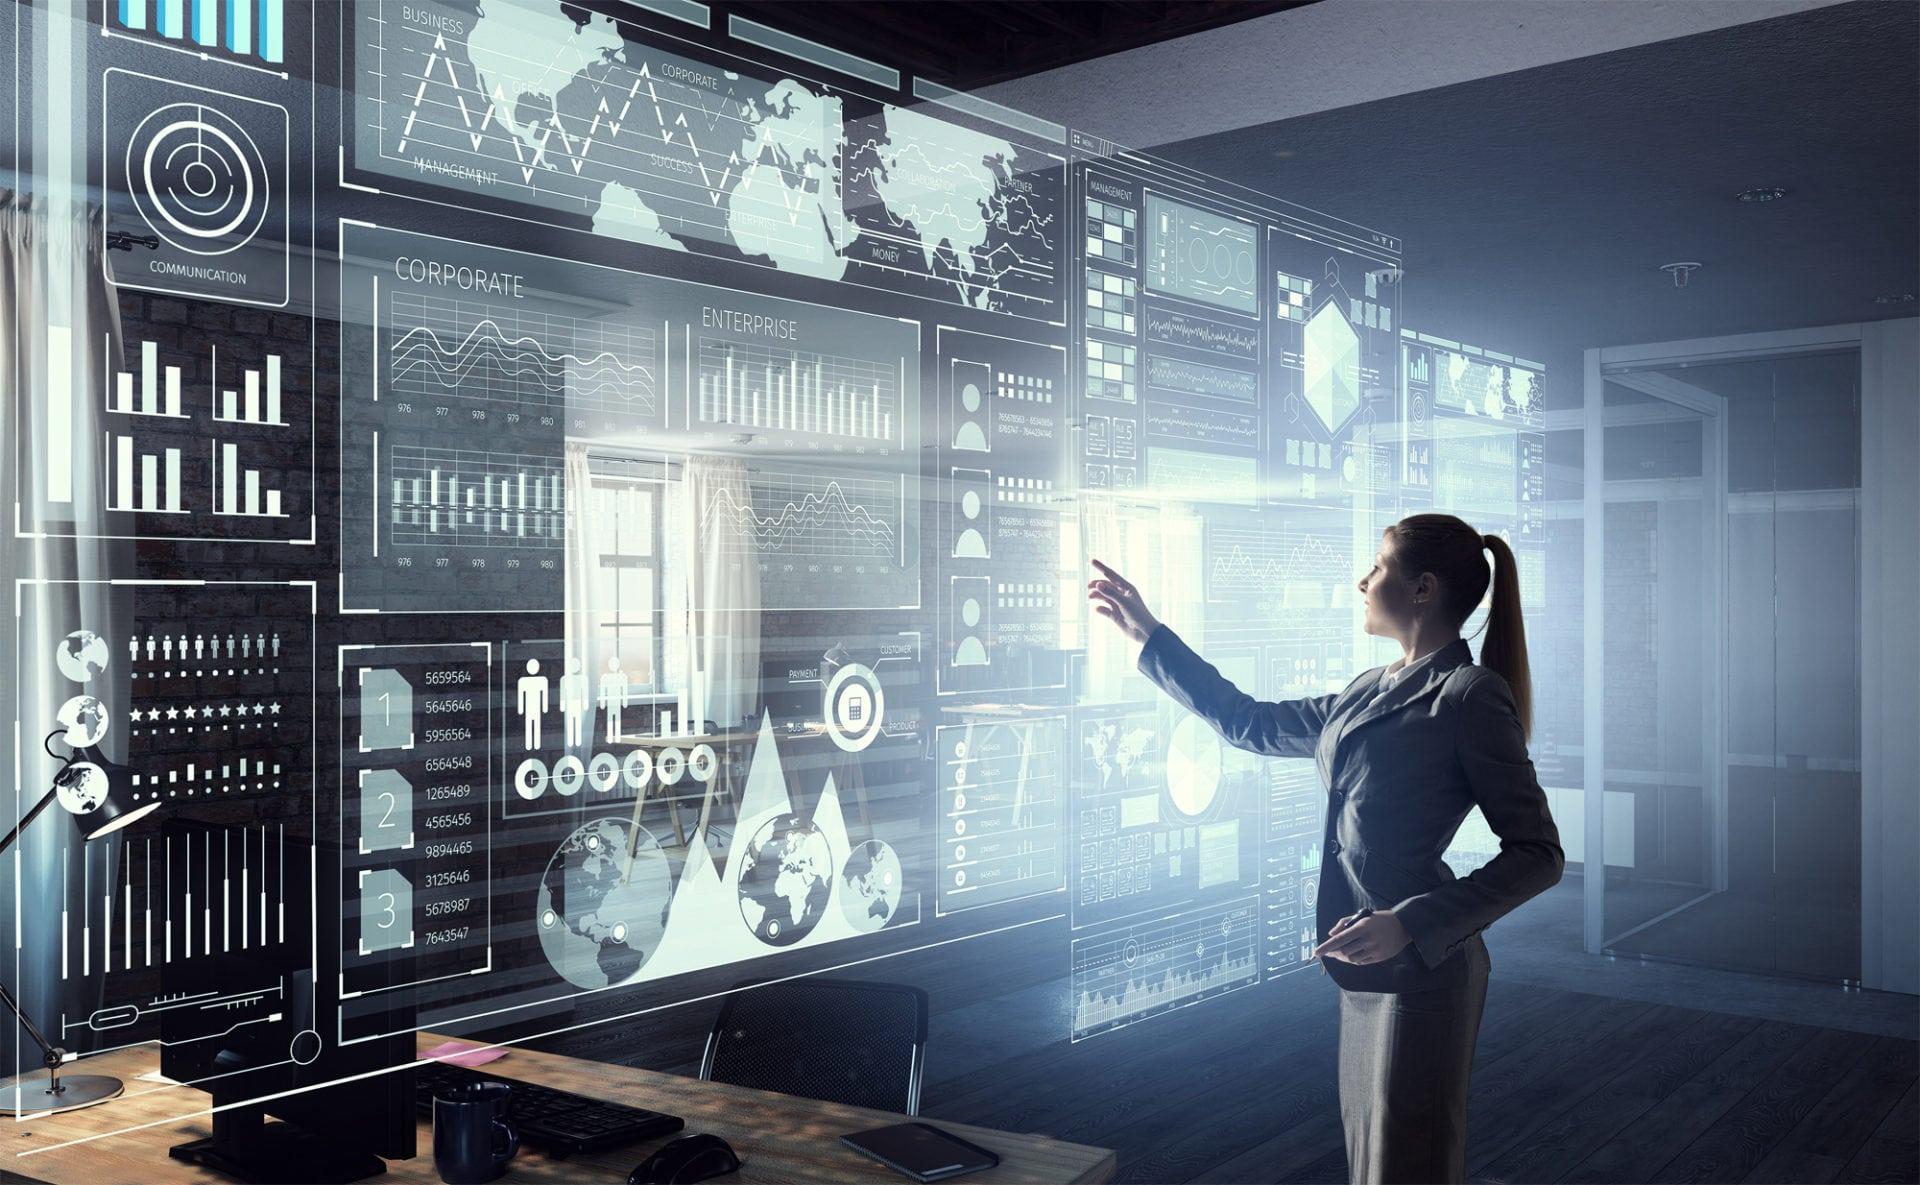 multi-modal, multi-medium telecom analysis